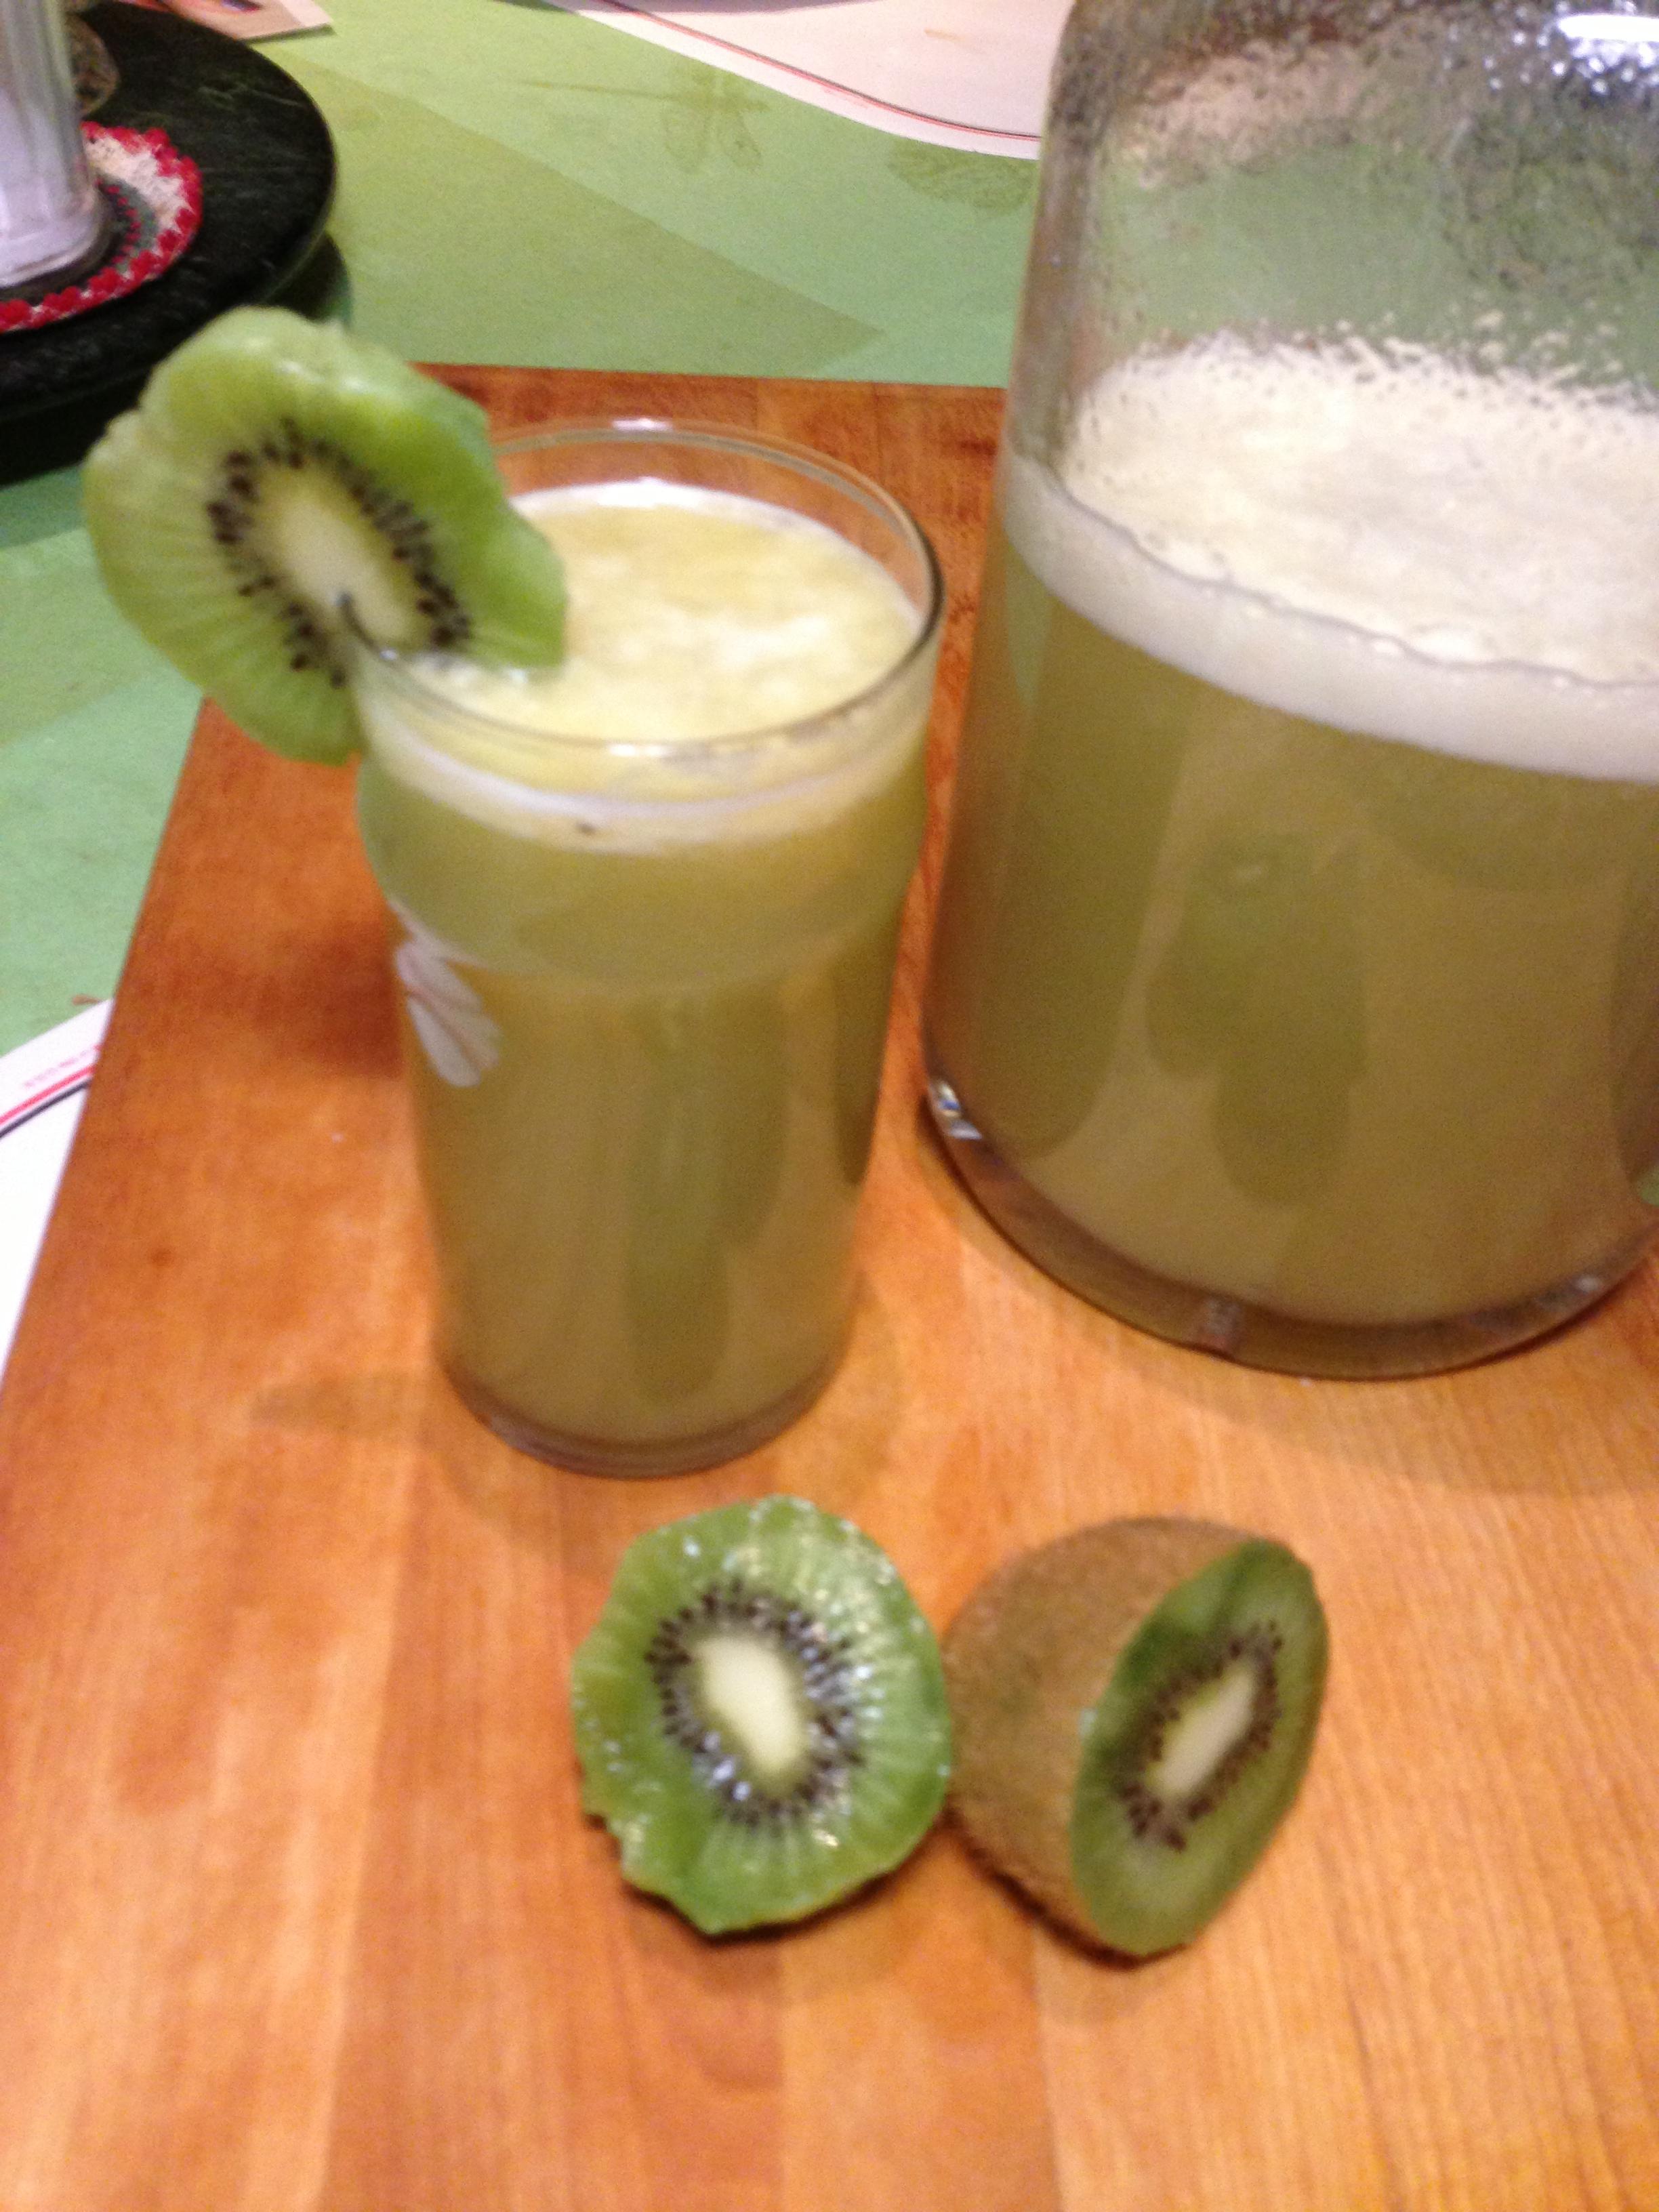 Fermented Kiwi and Green Apple Soda